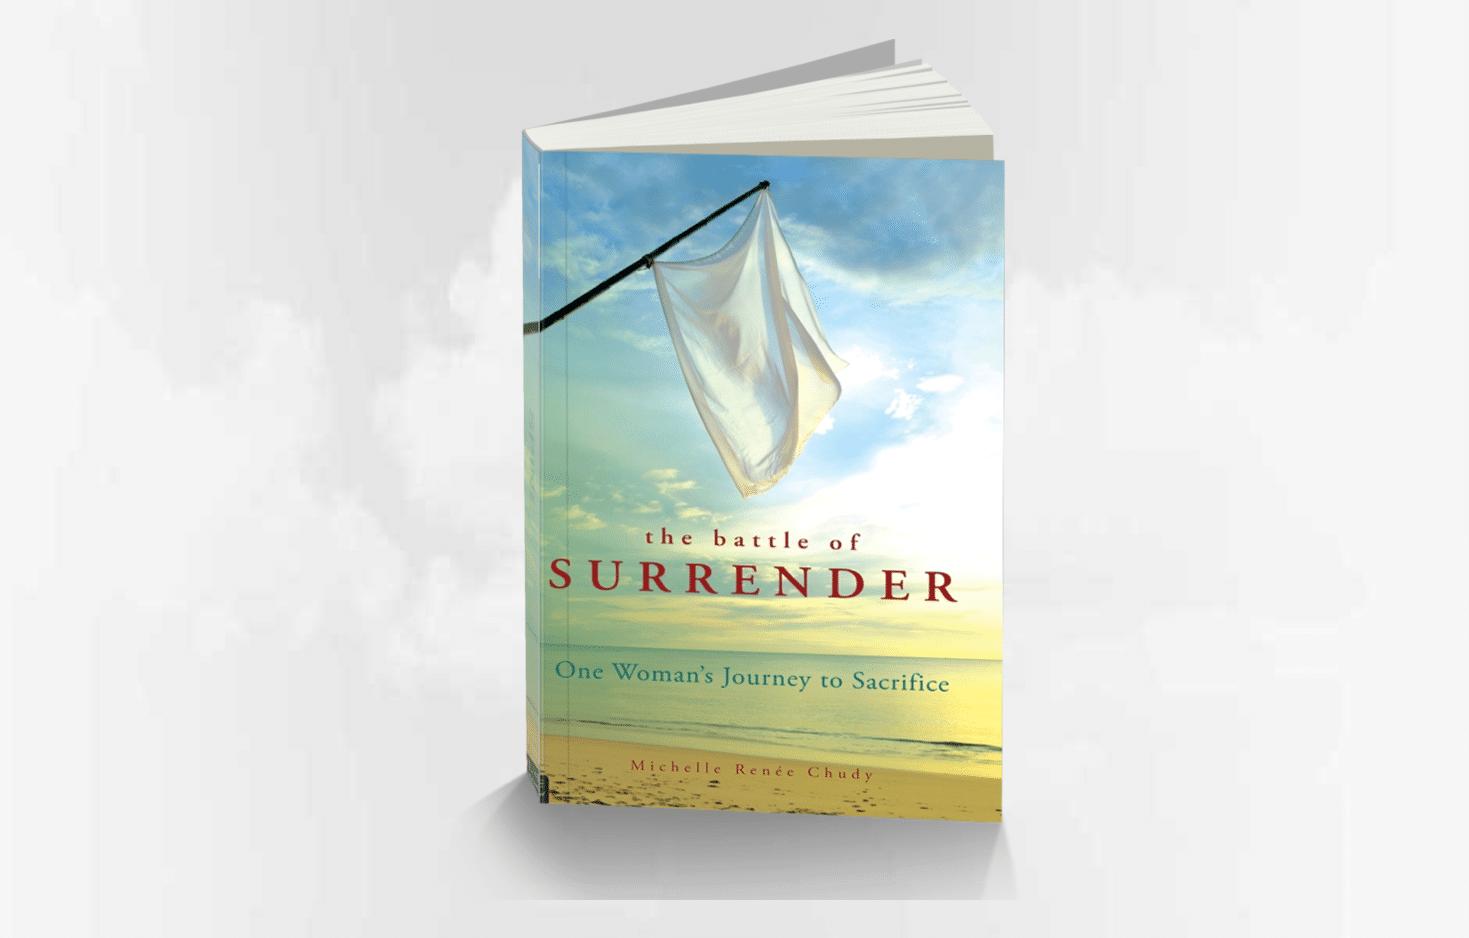 The Battle of Surrender